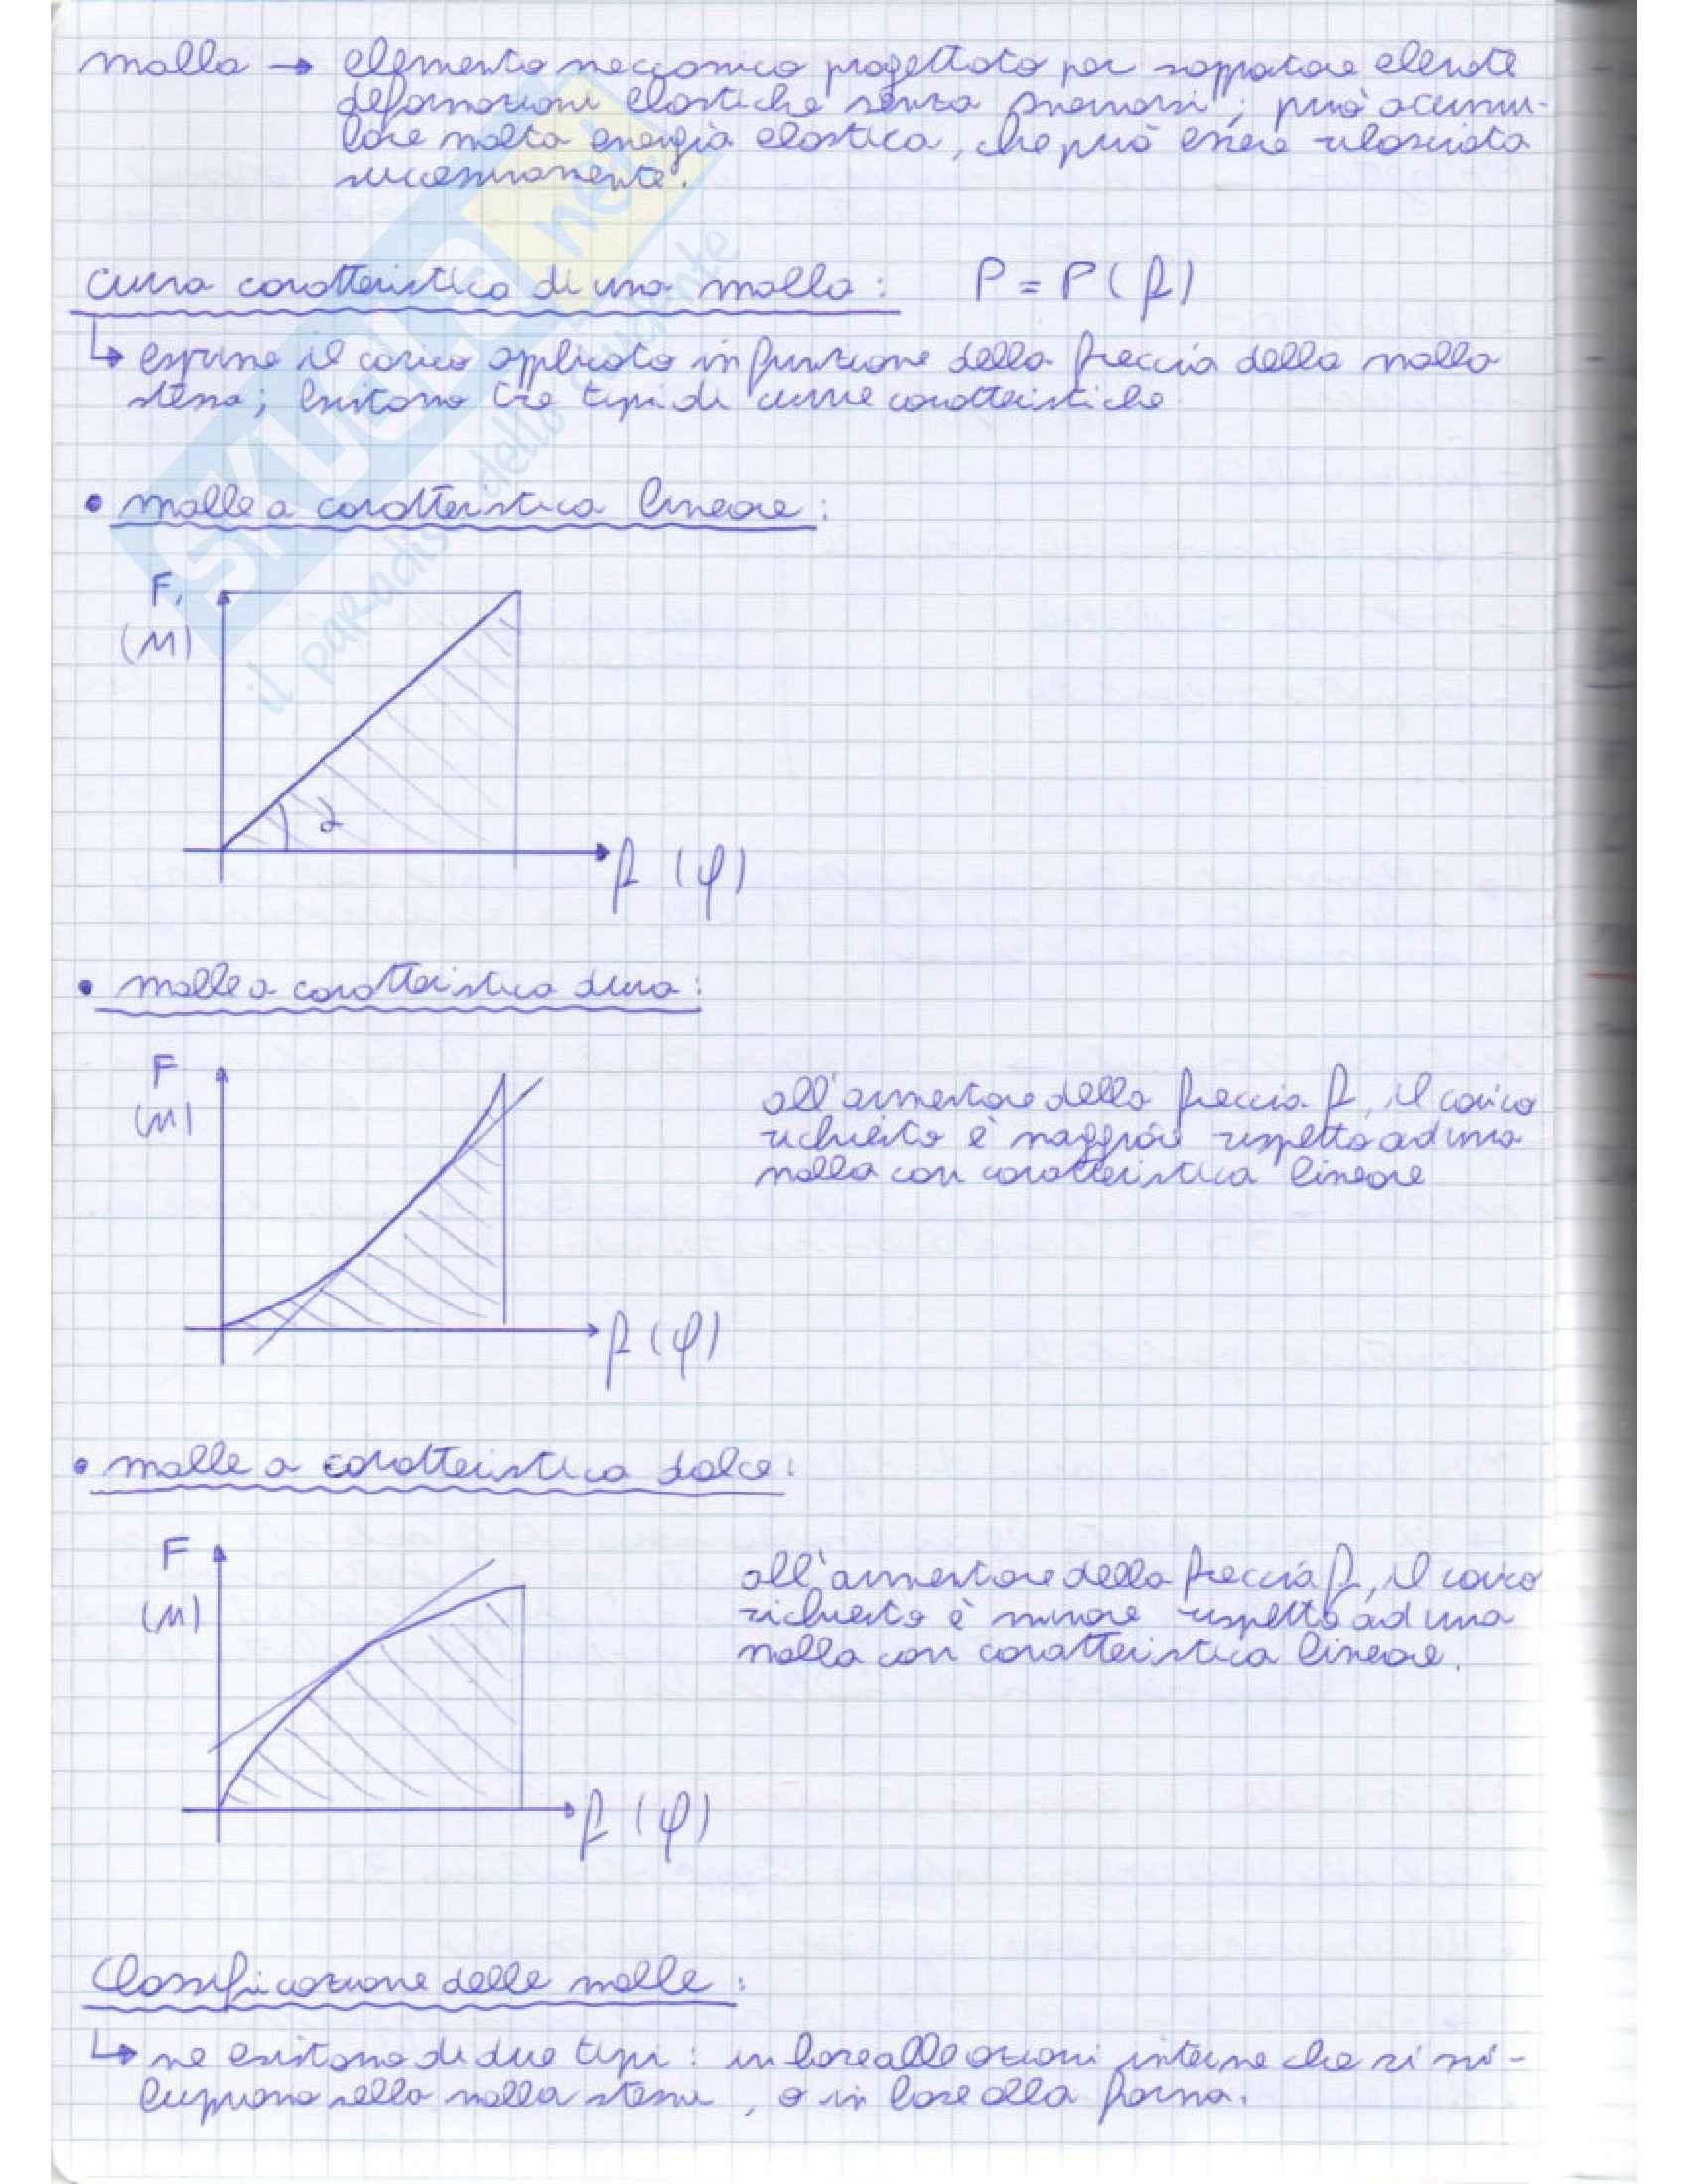 Costruzione di macchine 2 - Appunti Pag. 2